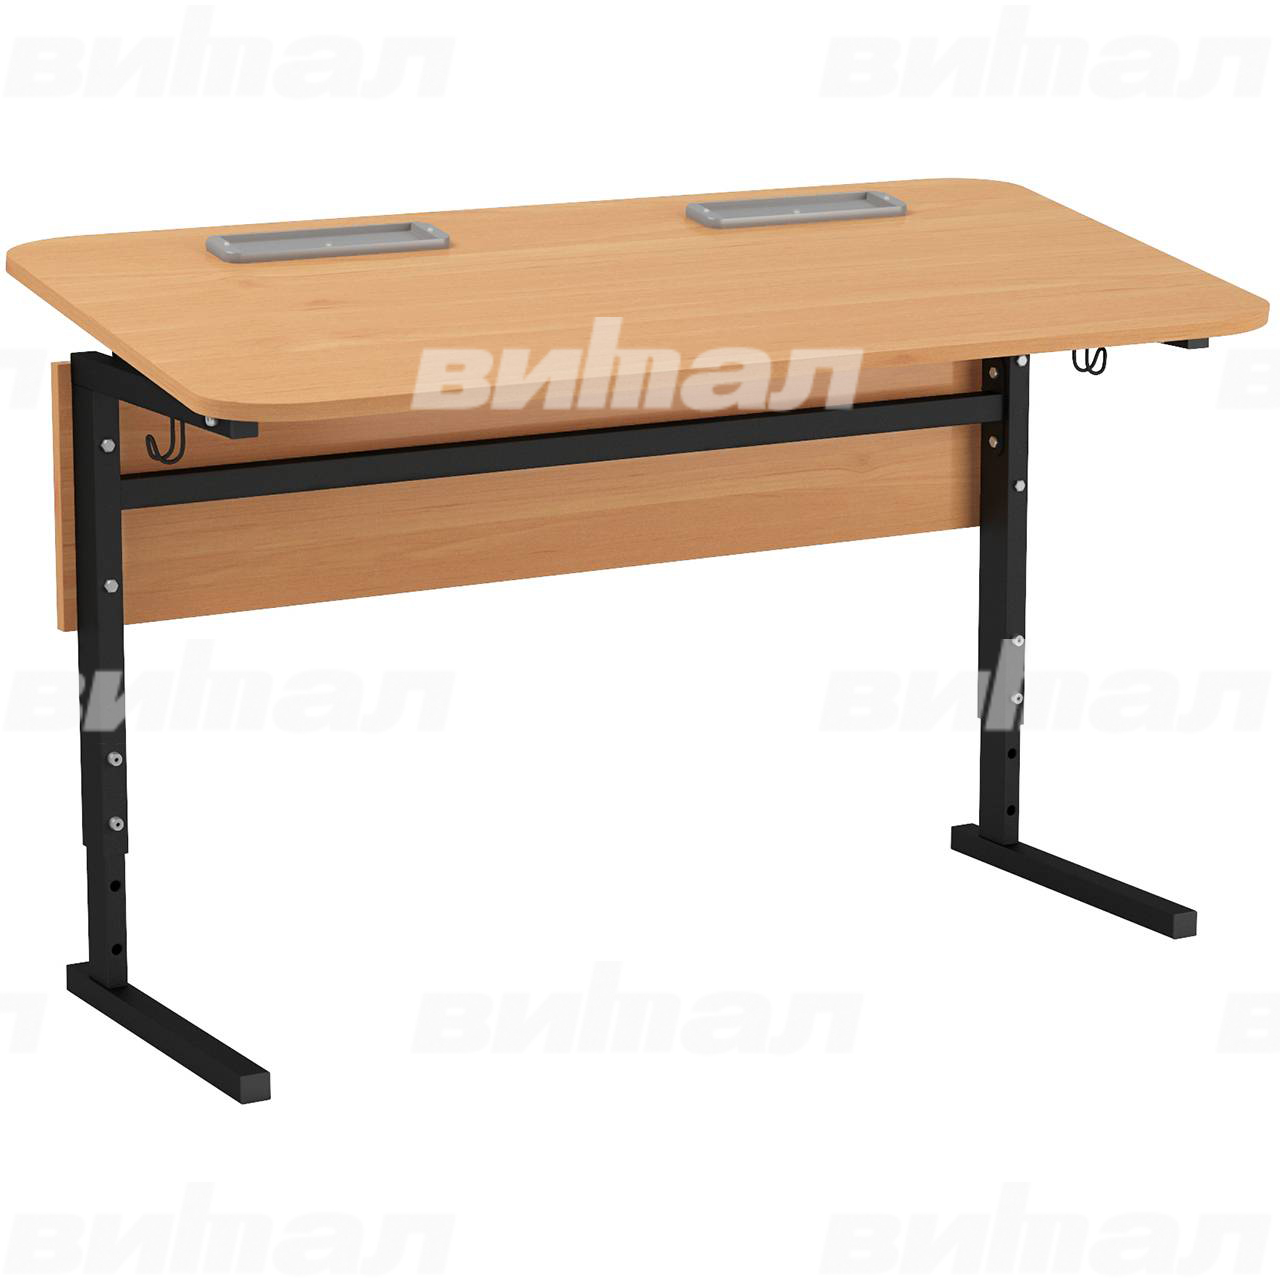 Стол 2-местный регулир. высота и наклон столешницы 0-10° (гр 2-4, 3-5, 4-6 или 5-7) черный Ольха 5-7 Меламин прямоугольная